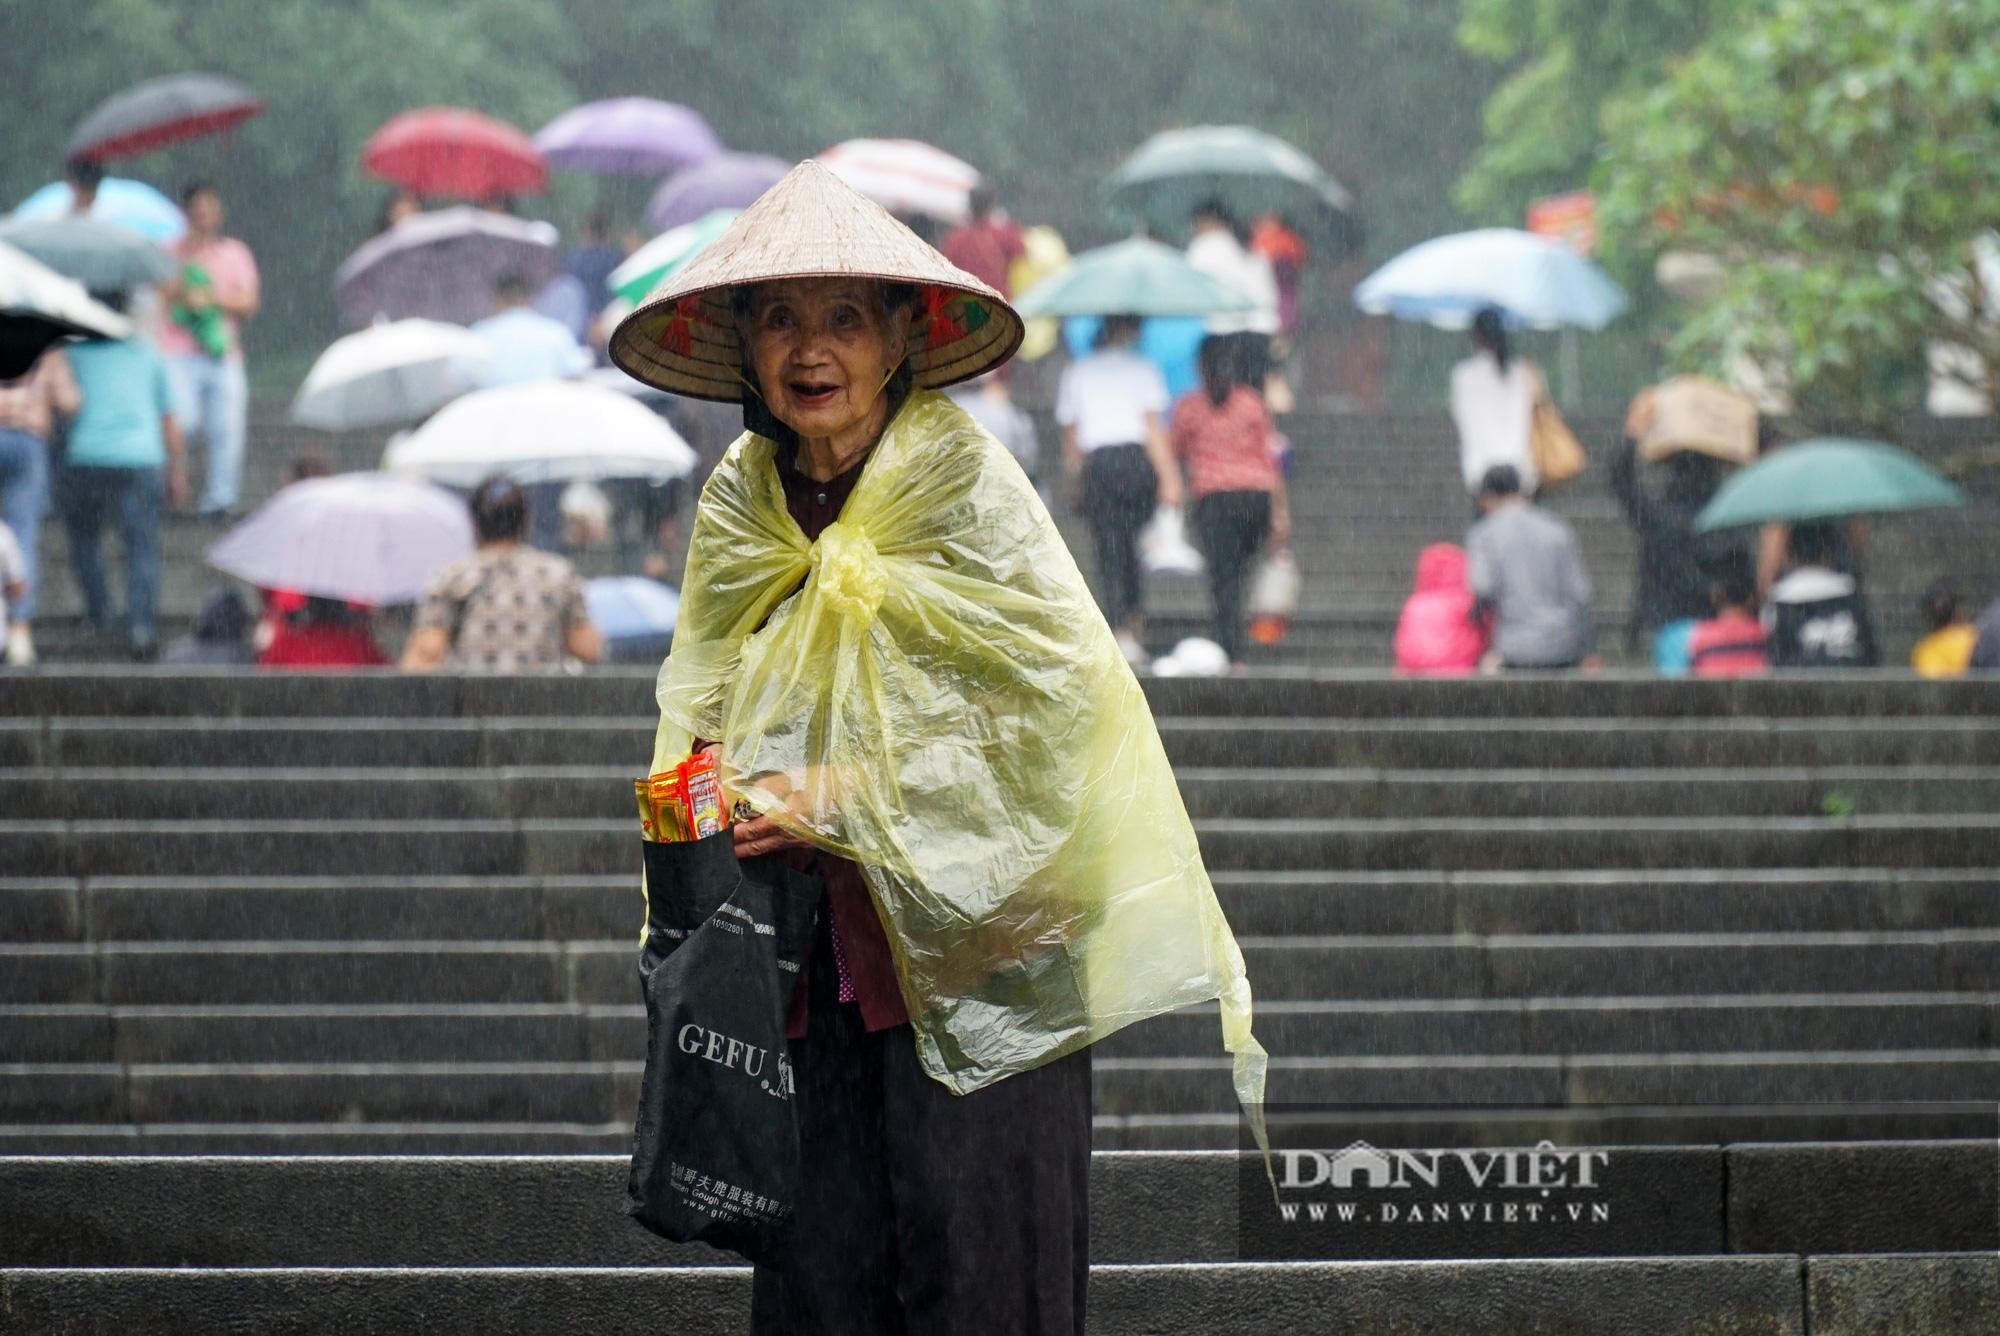 Người dân đội mưa đổ về đền Hùng trước ngày khai hội  - Ảnh 3.